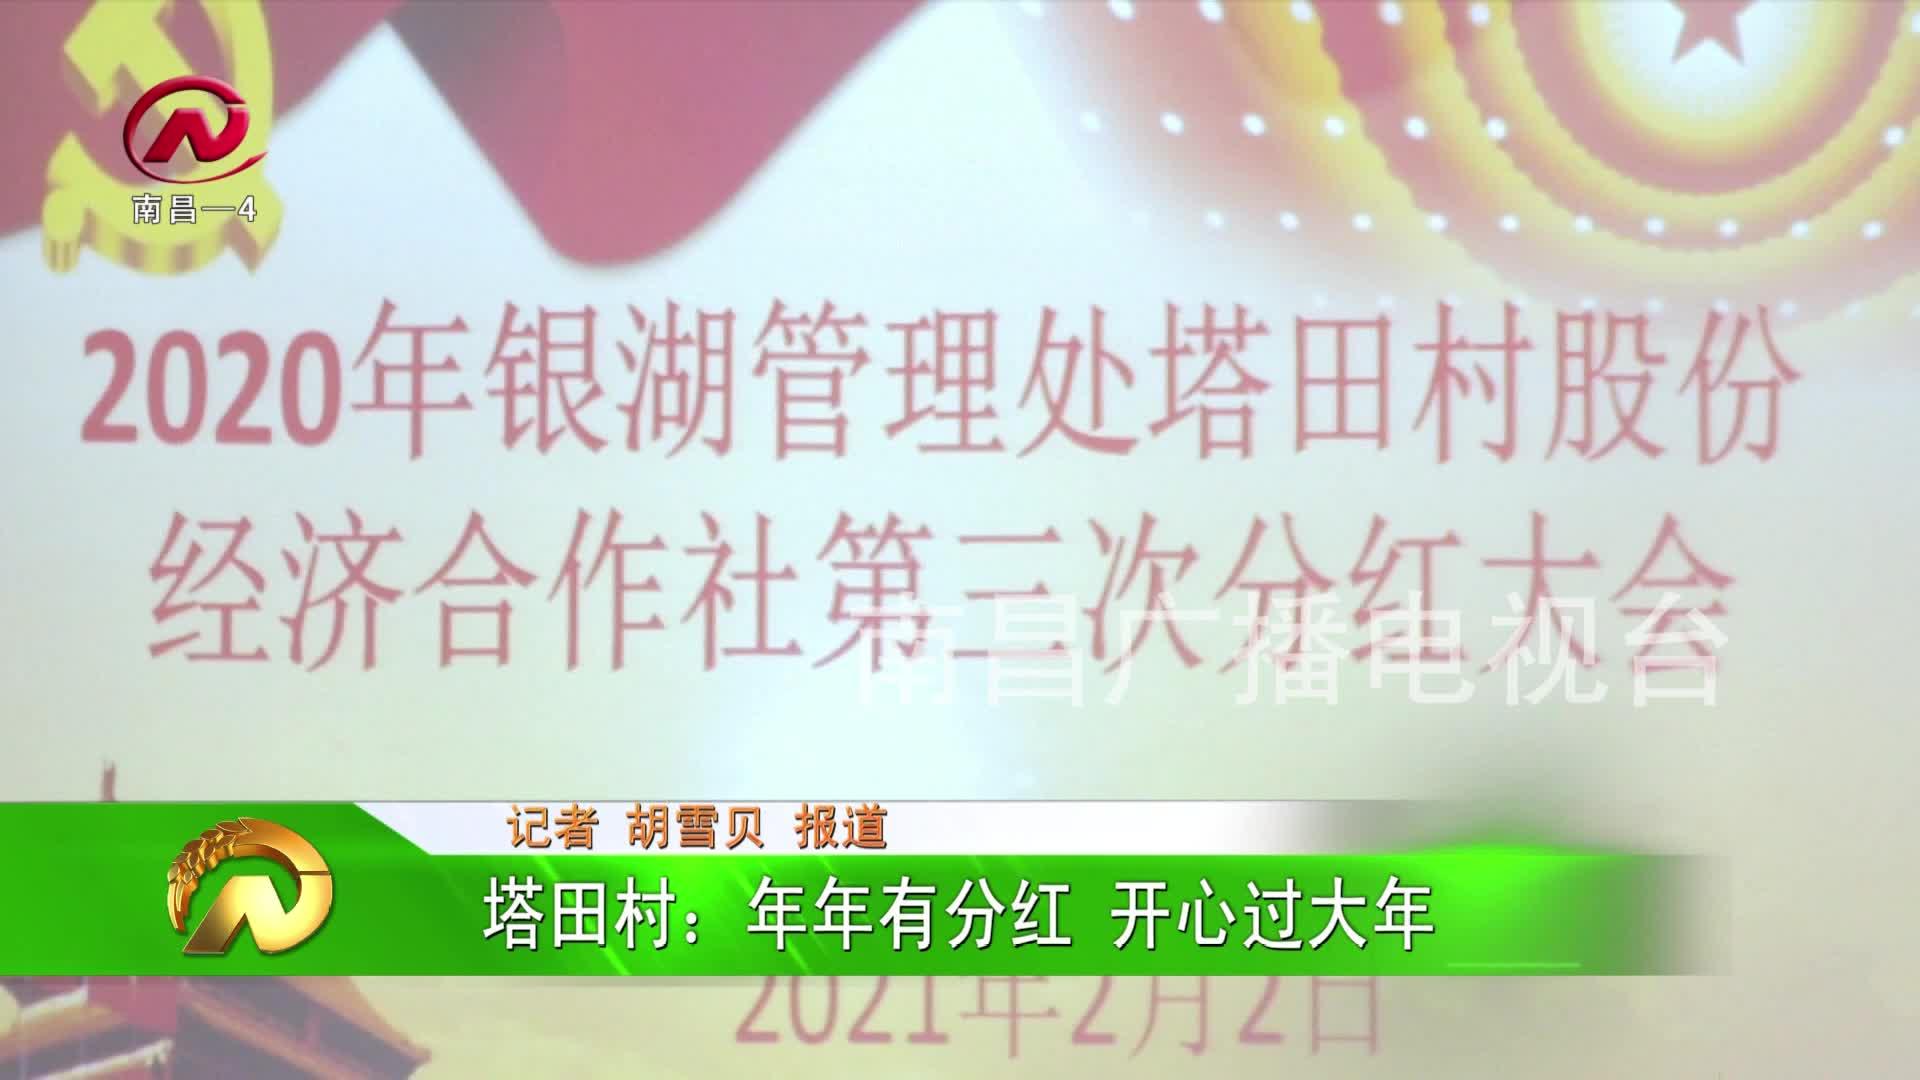 【豫章農視】塔田村:年年有分紅 開心過大年